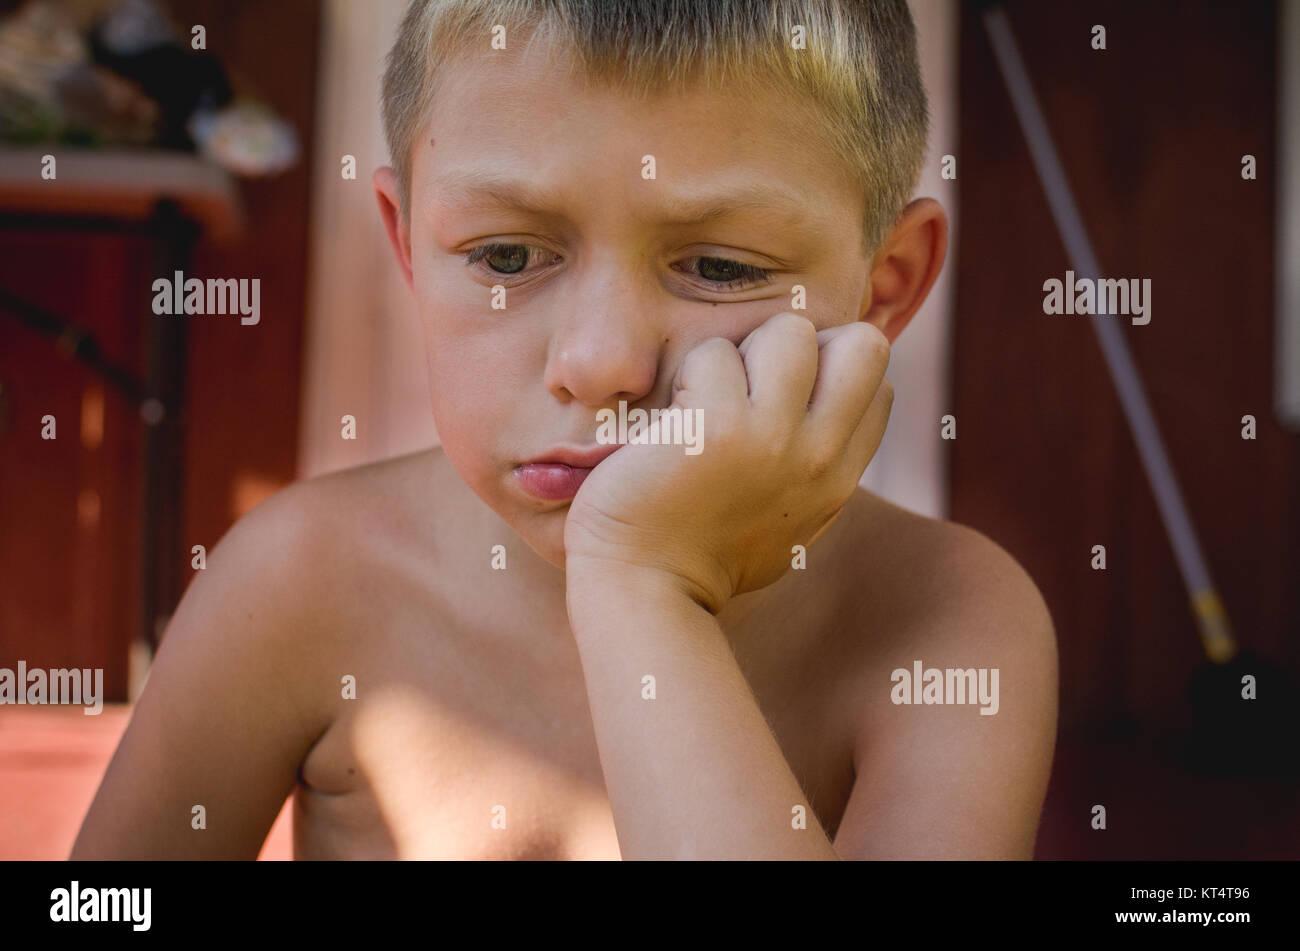 Un joven chico mirando triste. Imagen De Stock